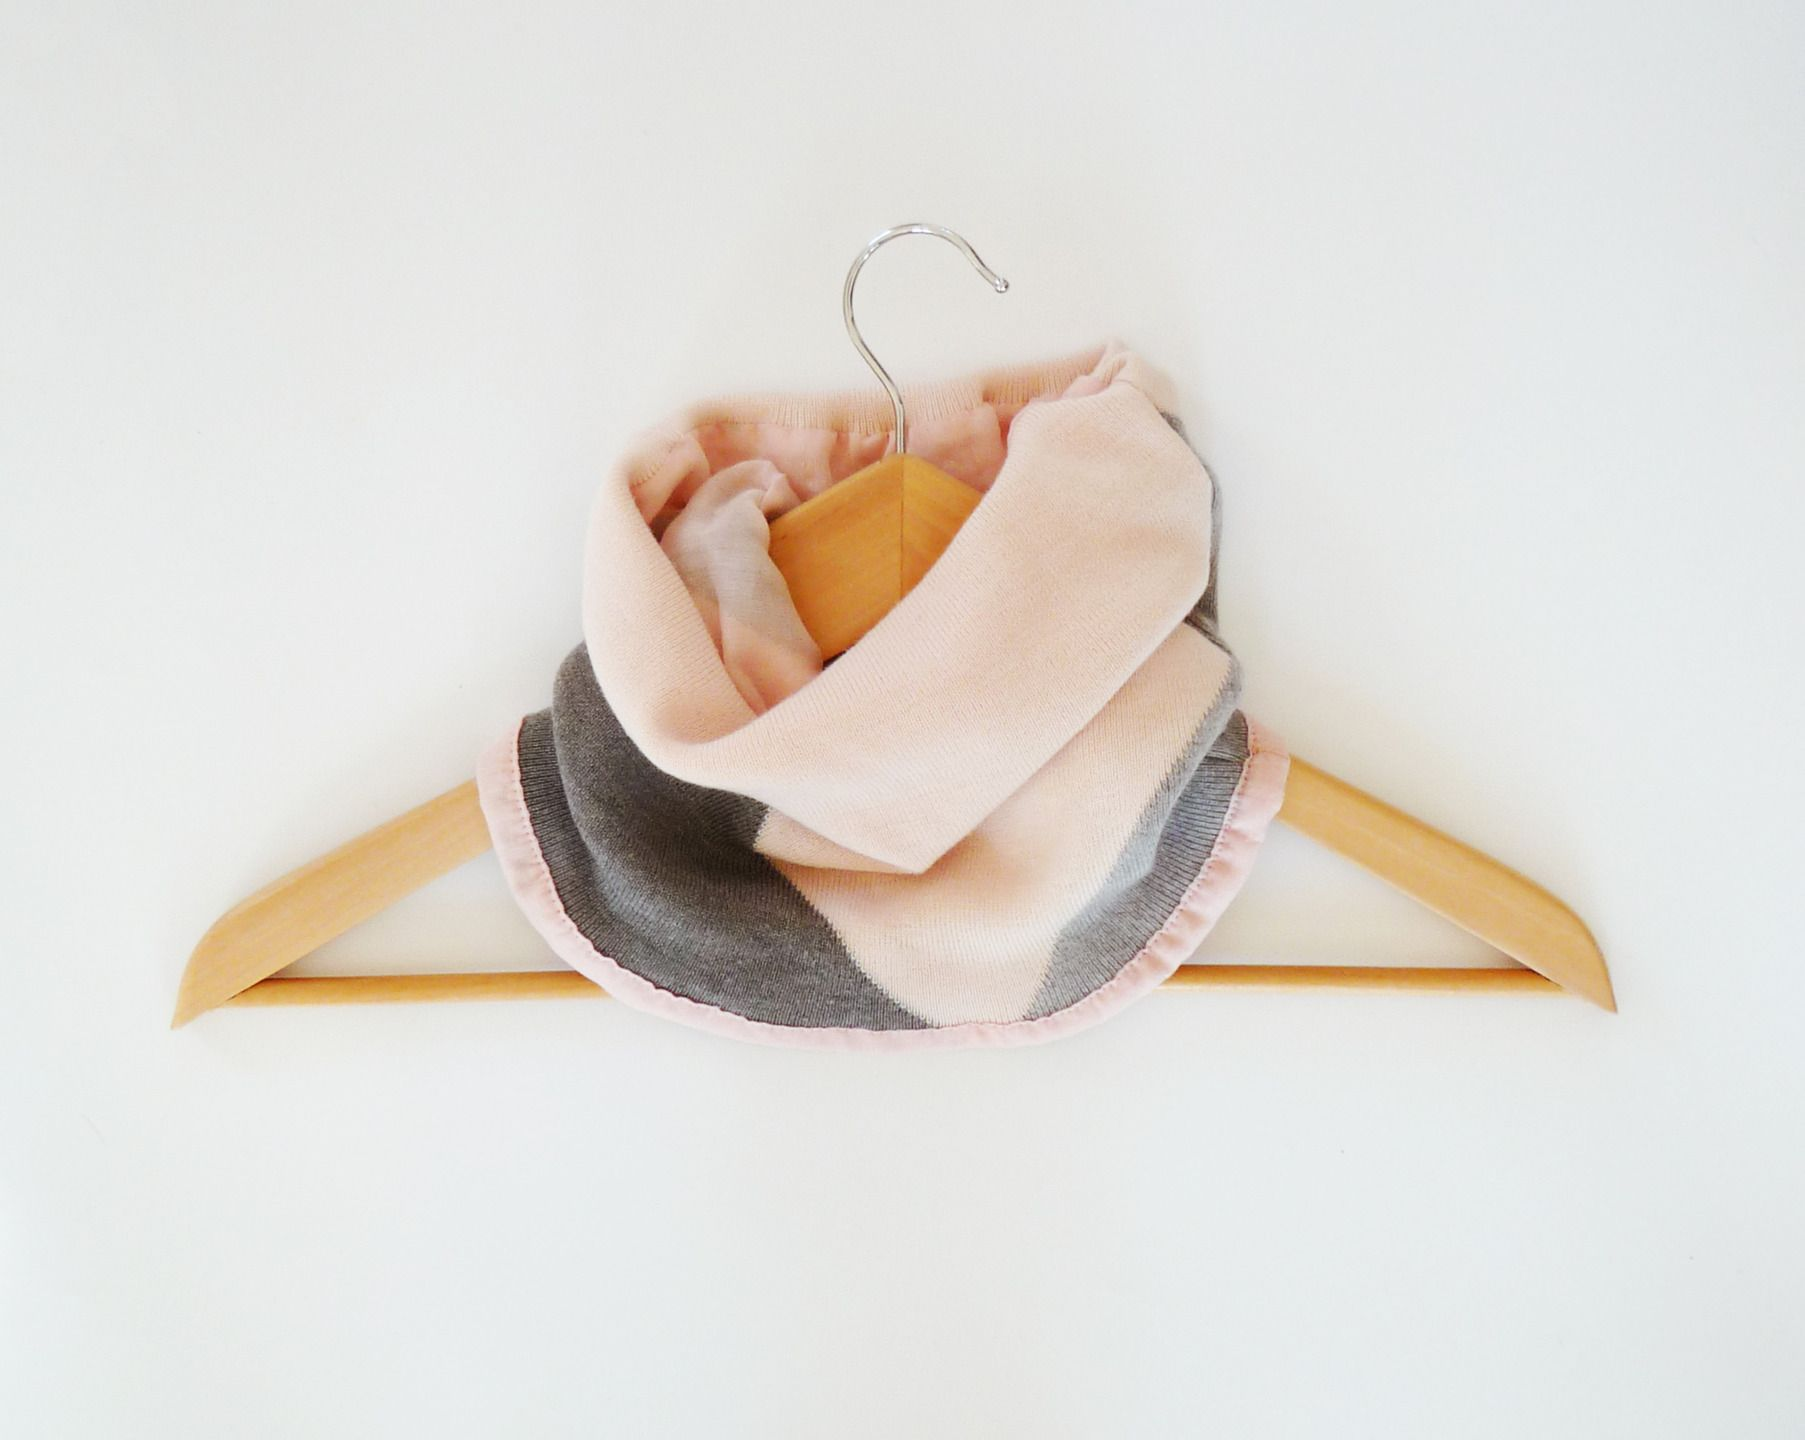 13a8539cdf7a snood rose et gris pour femme un tour de cou intérieur en soie pour l hiver  accessoire de mode couleur pastel   Echarpe, foulard, cravate par lefil